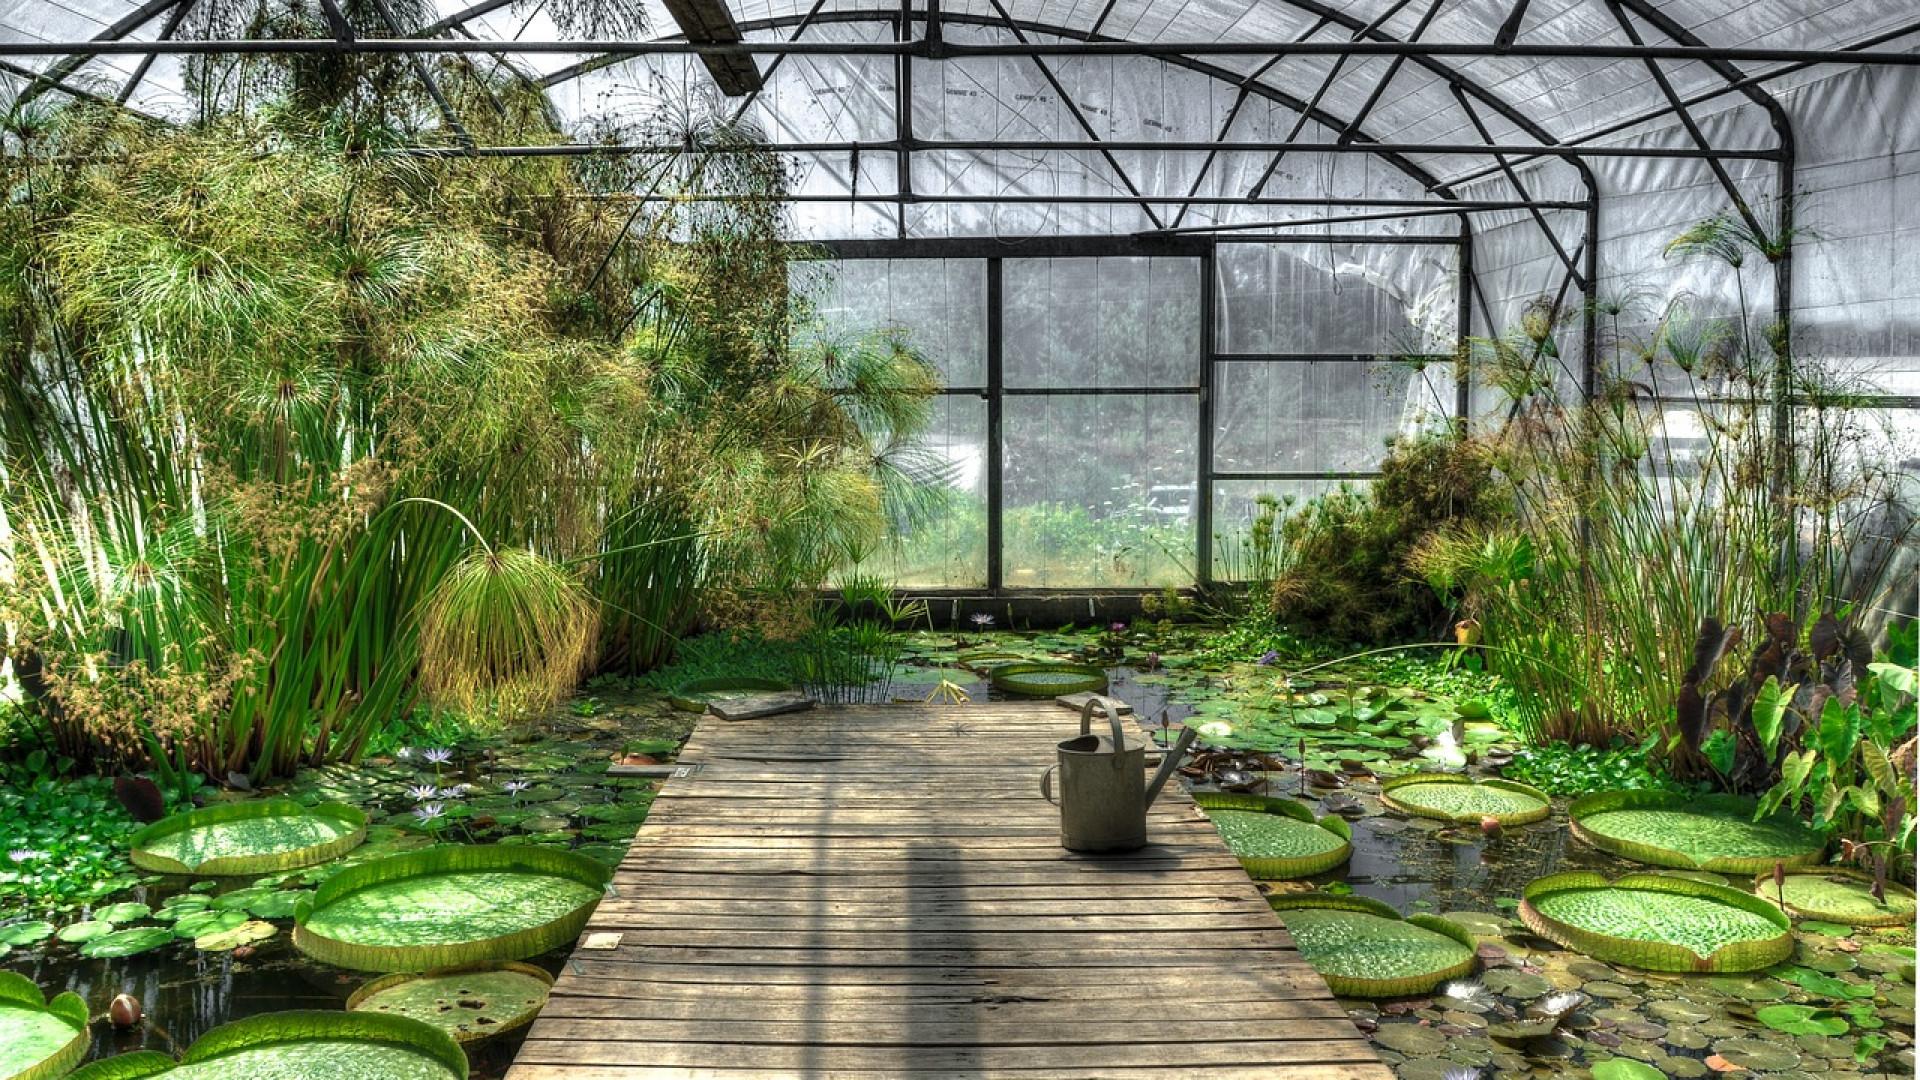 Comment bien choisir sa serre de jardin - Comment choisir une serre de jardin ...